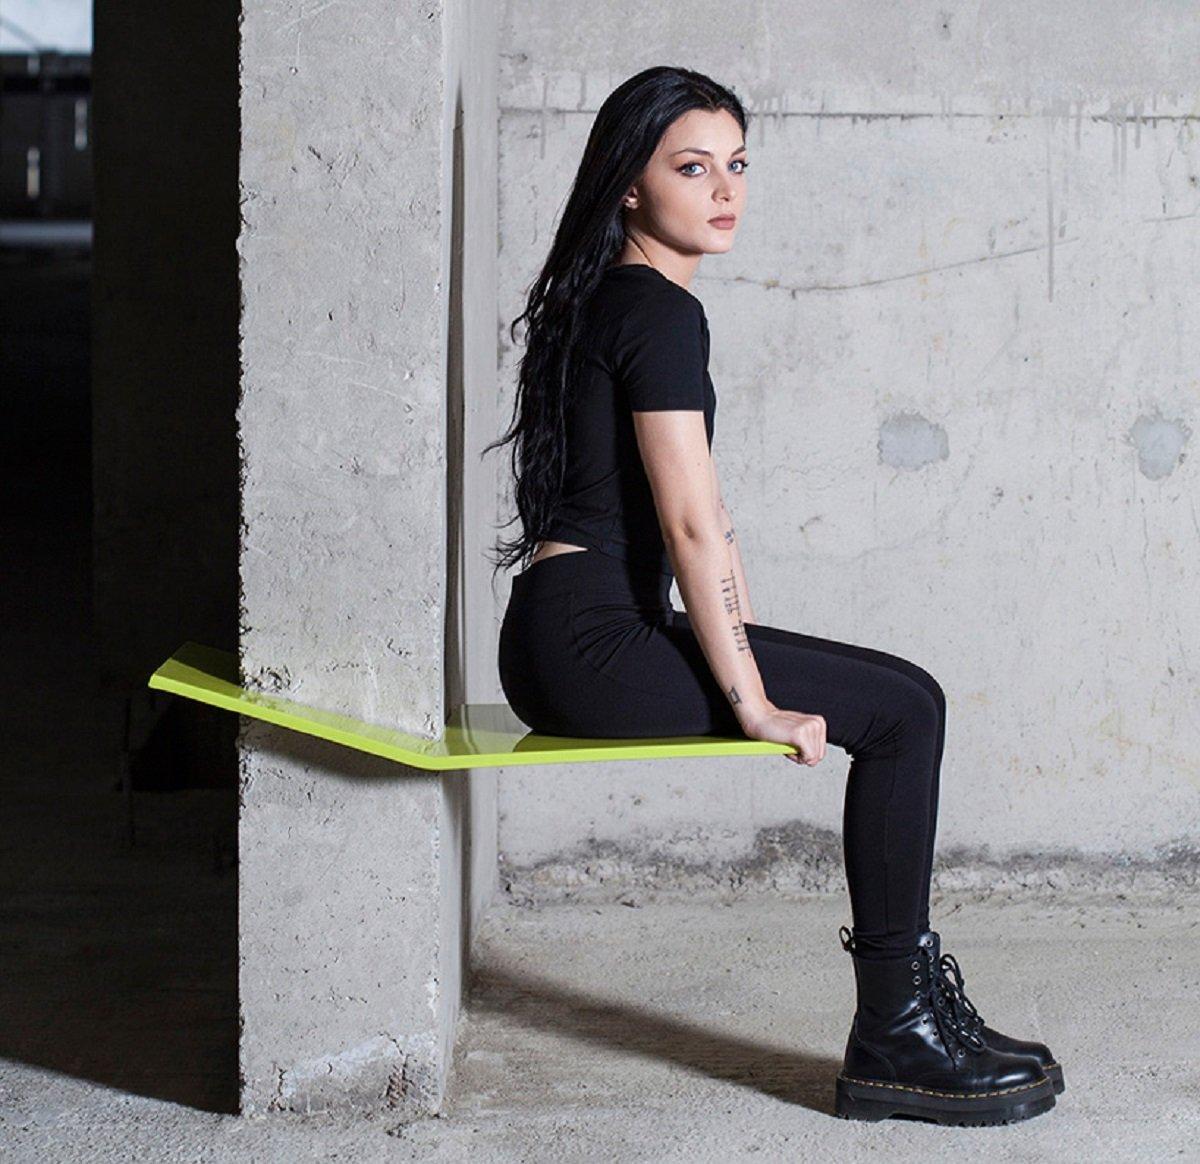 Дизайнерский стул из Грузии попал в престижный нью-йоркский журнал